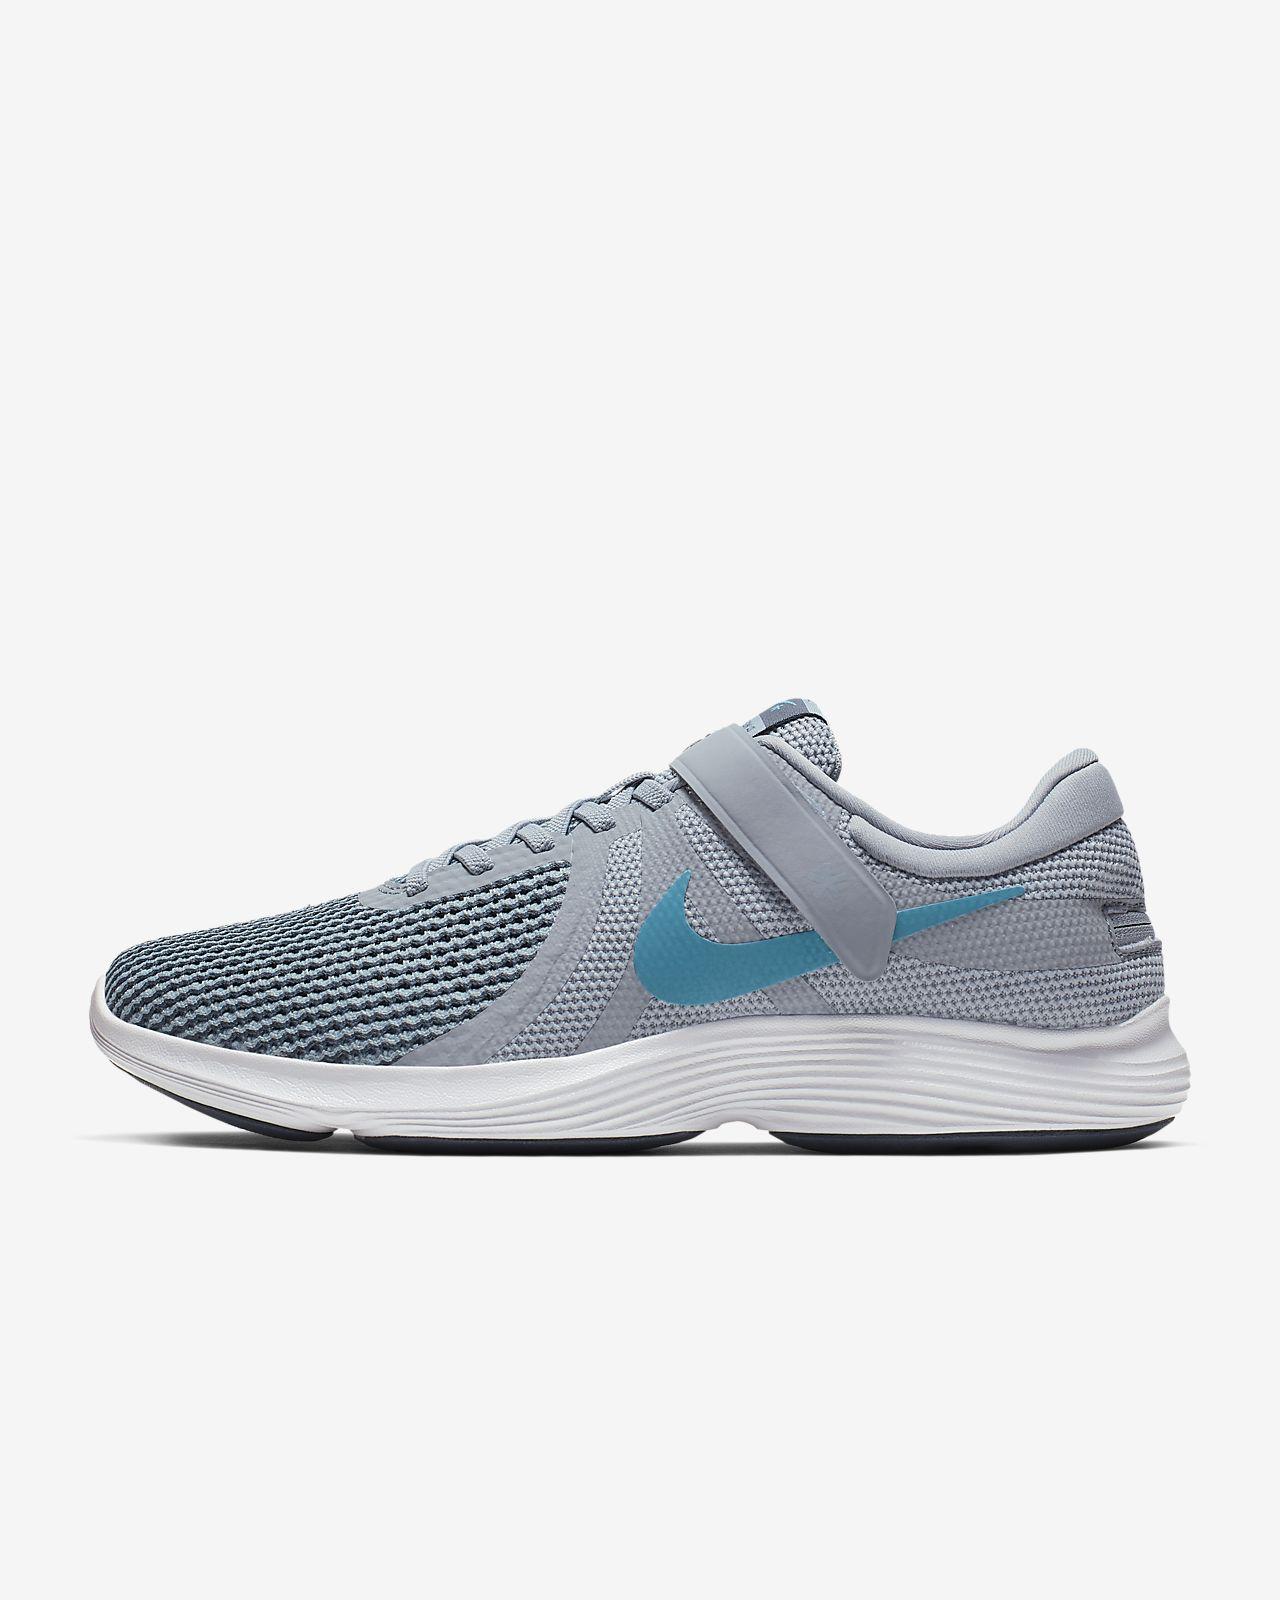 Löparsko Nike Revolution 4 FlyEase för män